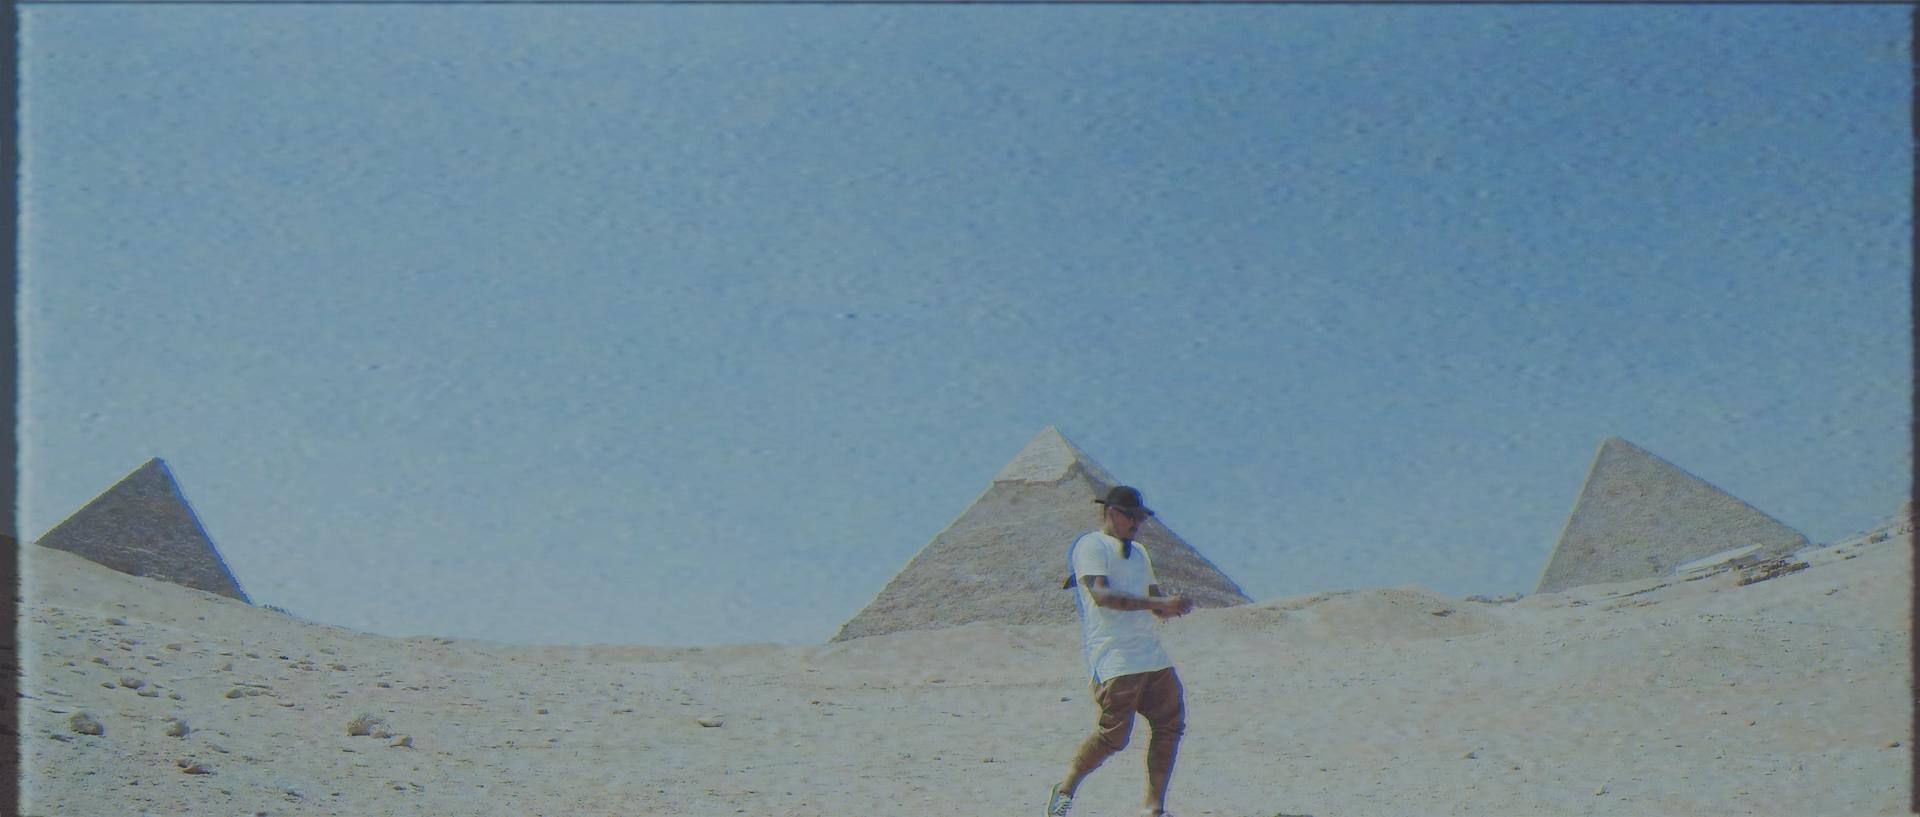 Stills - Cinema - Dp - Frame- Cinematographer - Miguel Bautista - Production - Filmmaking - Cine 009.jpg